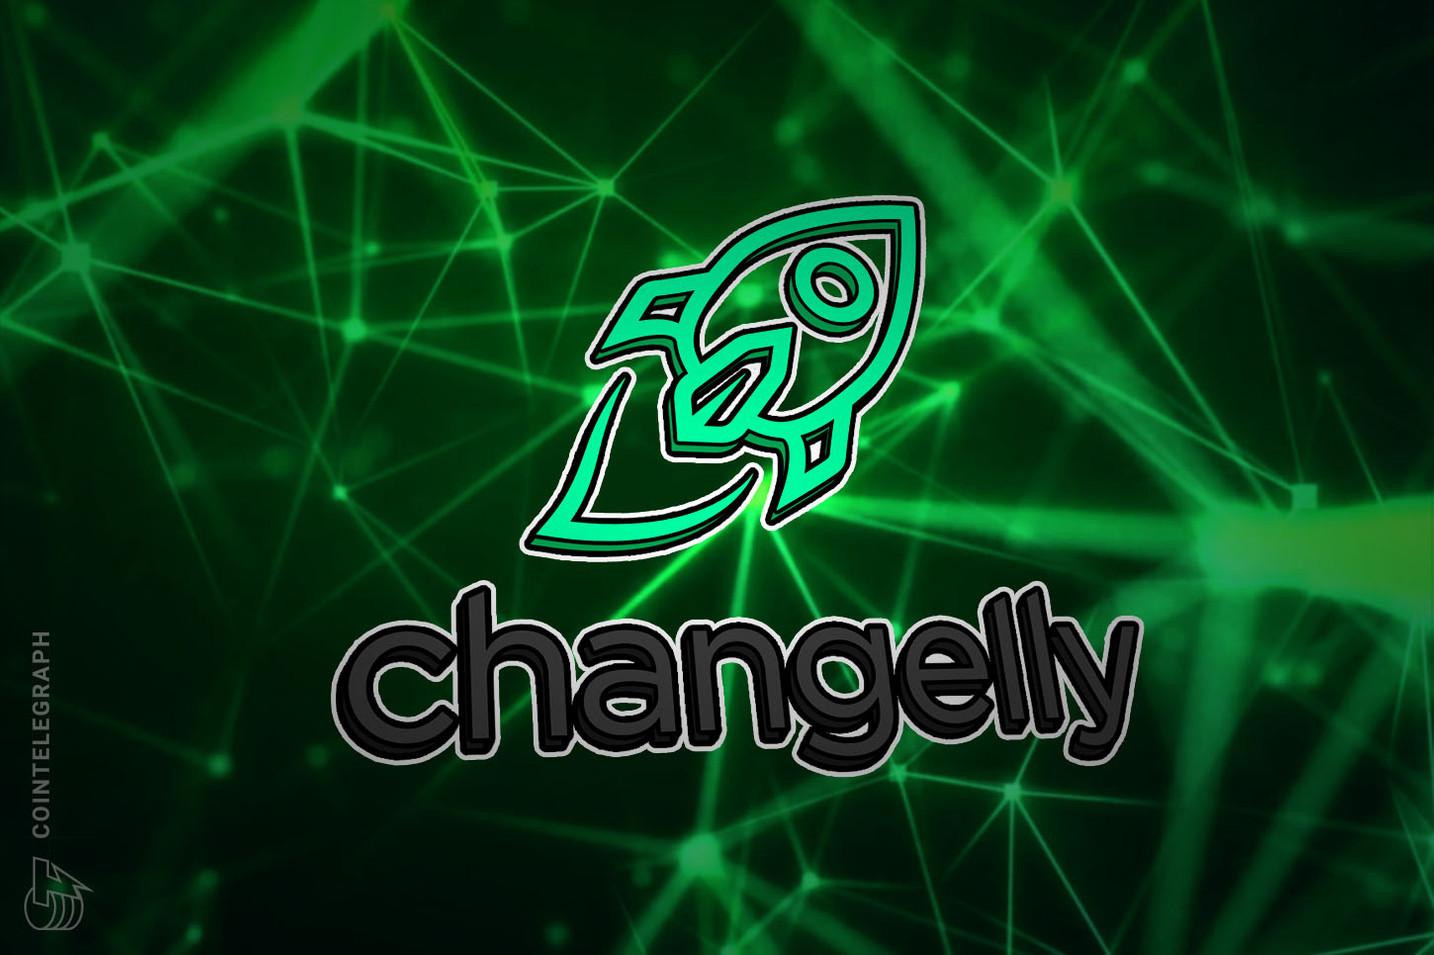 Changelly lanzó su widget 2.0: un exchange de criptomonedas totalmente personalizado y una herramienta de compra